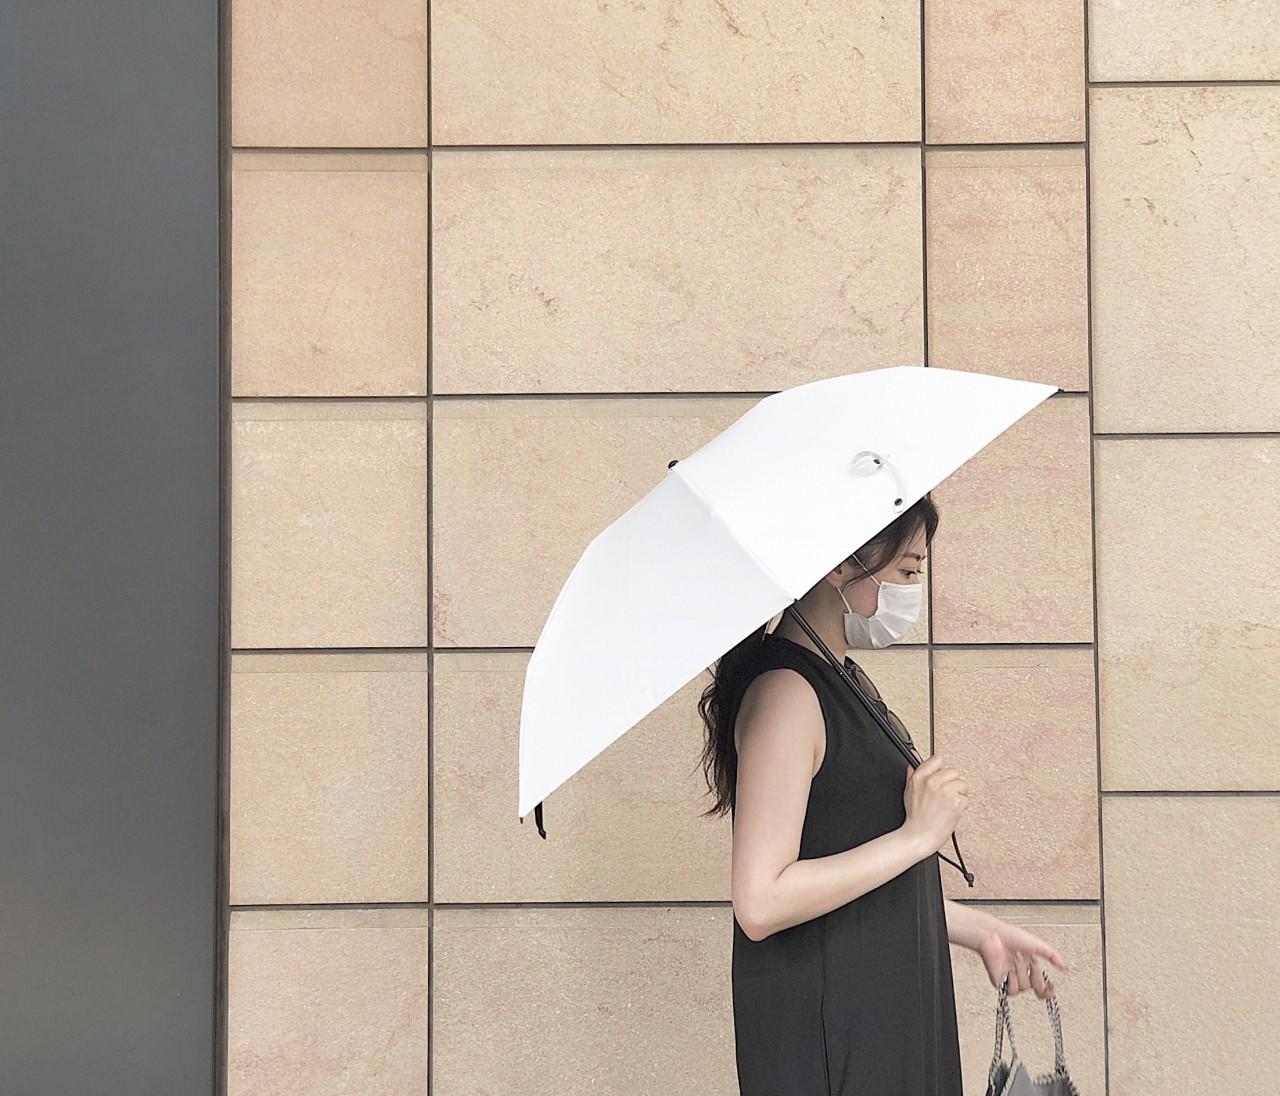 完全遮光!長く愛用できるサンバリア100の日傘を購入